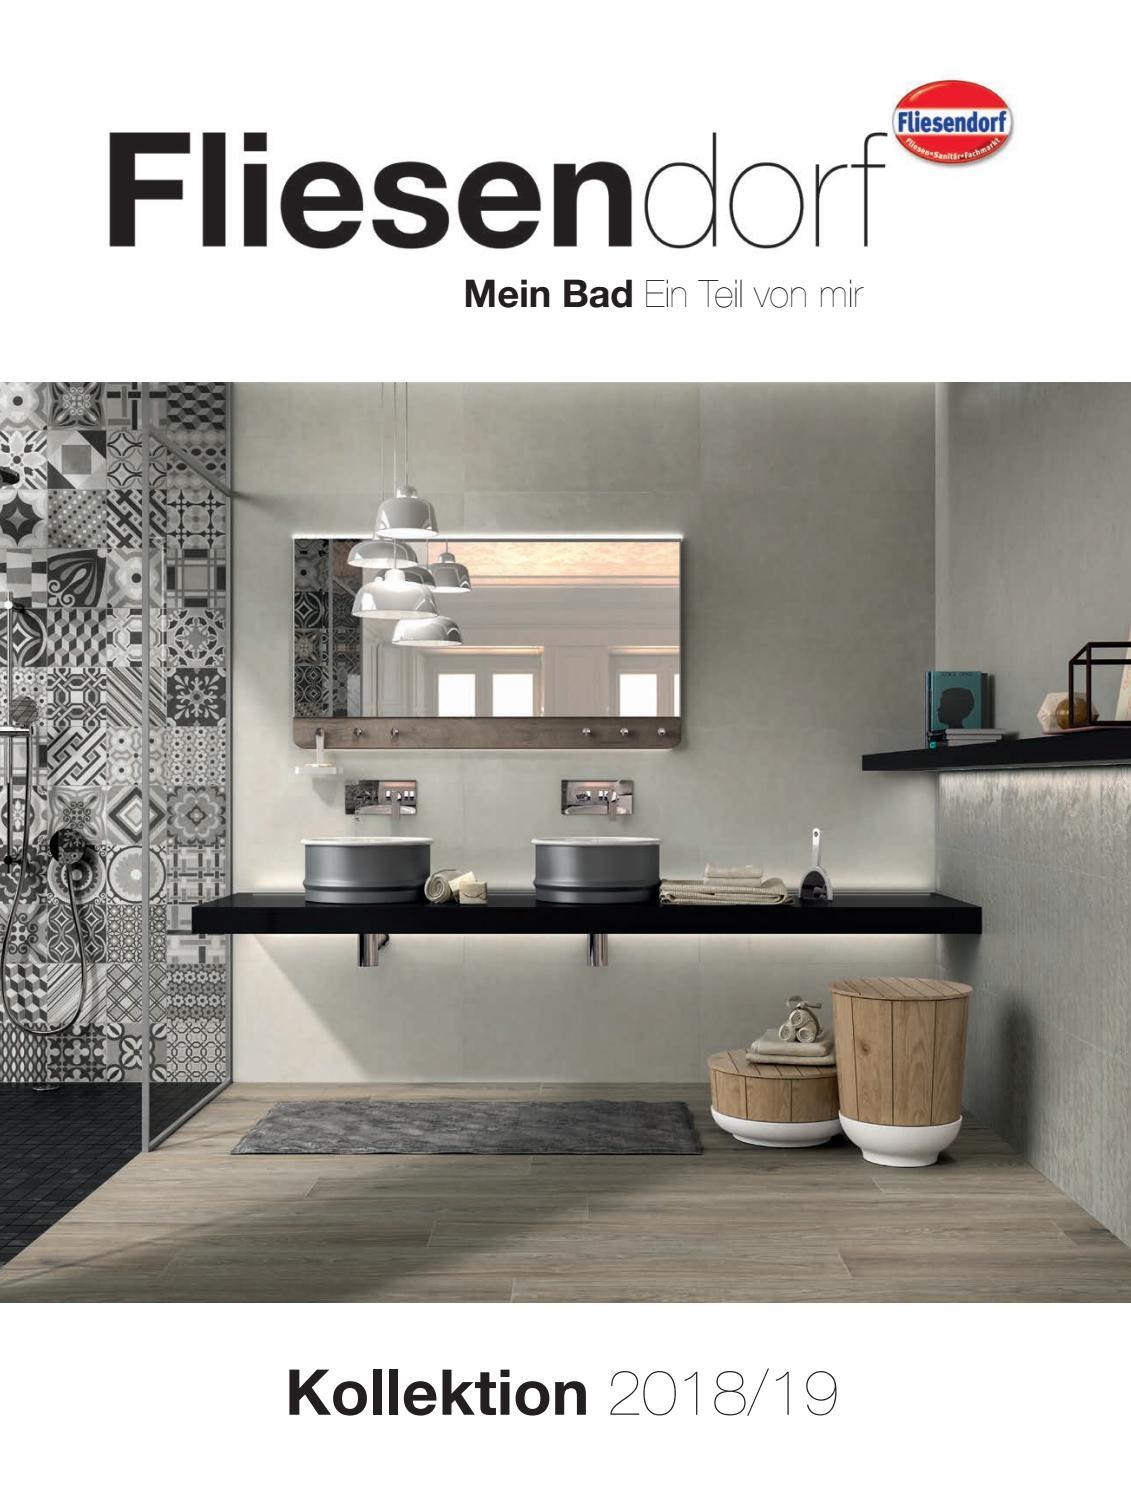 Fliesendorf Kollektion 2018/2019 by Fliesendorf.at - issuu